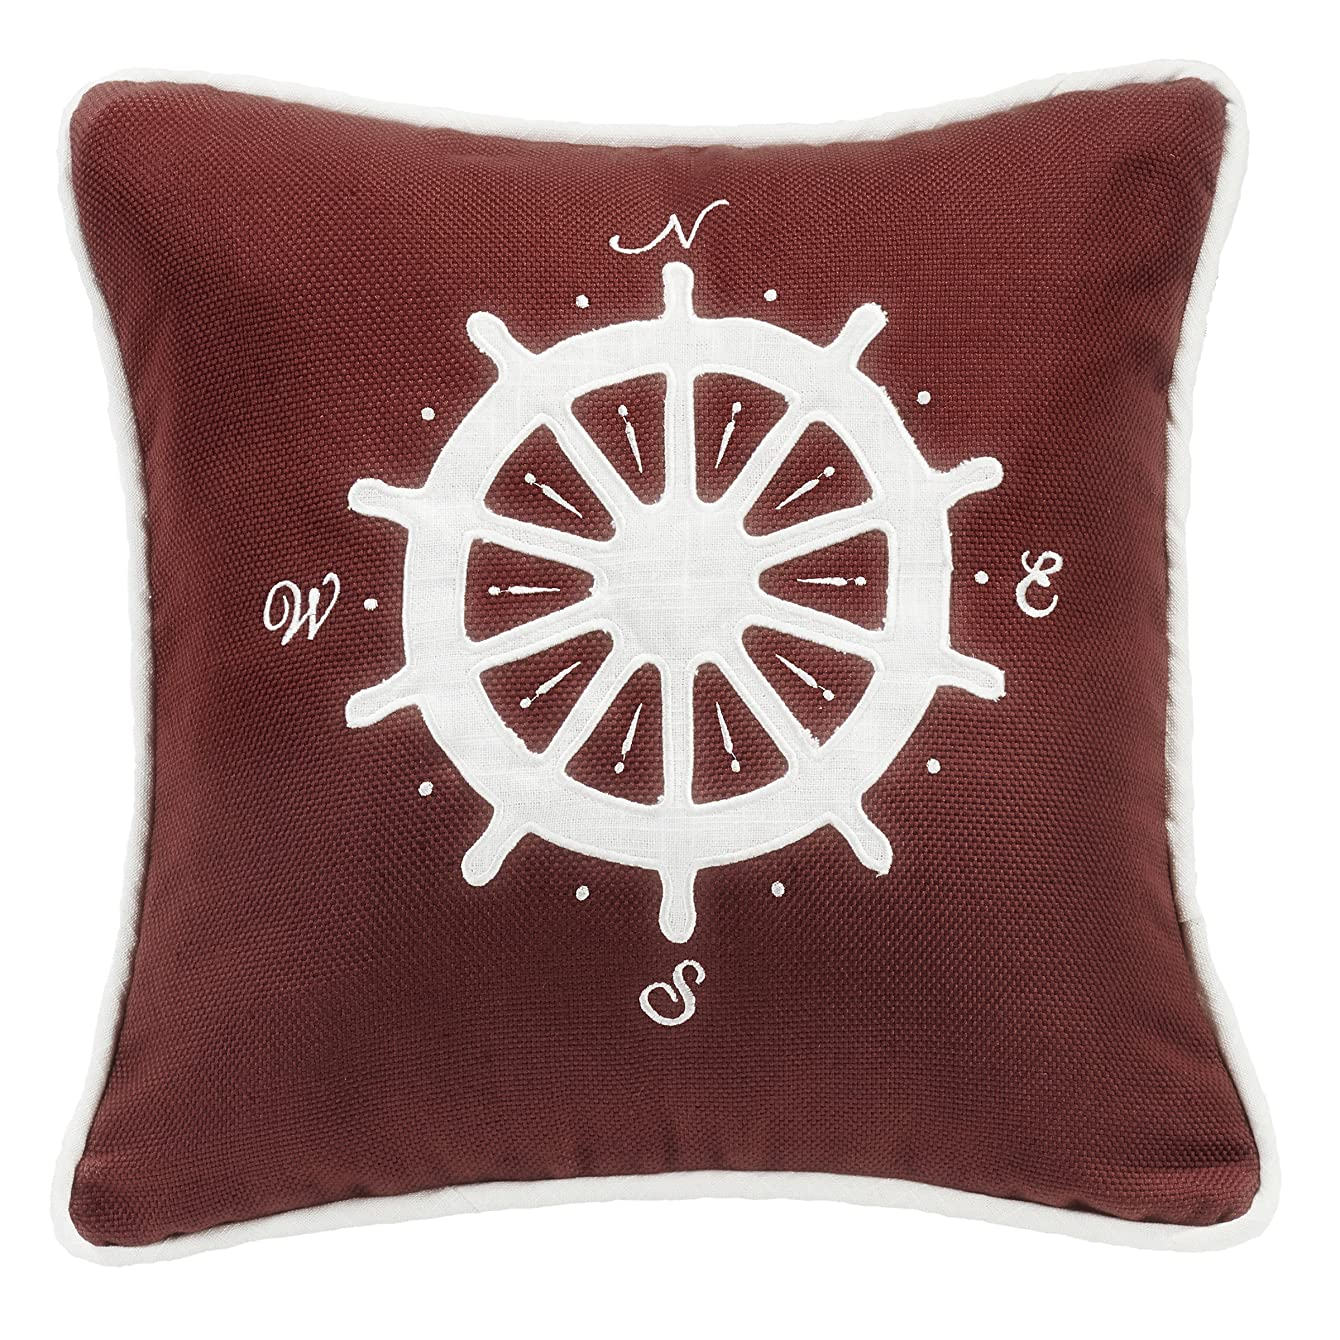 メダリストずるいコンテンツHiEndアクセントユニセックスコンパス刺繍枕?–?fb3970p6 One Size レッド FB3970P6